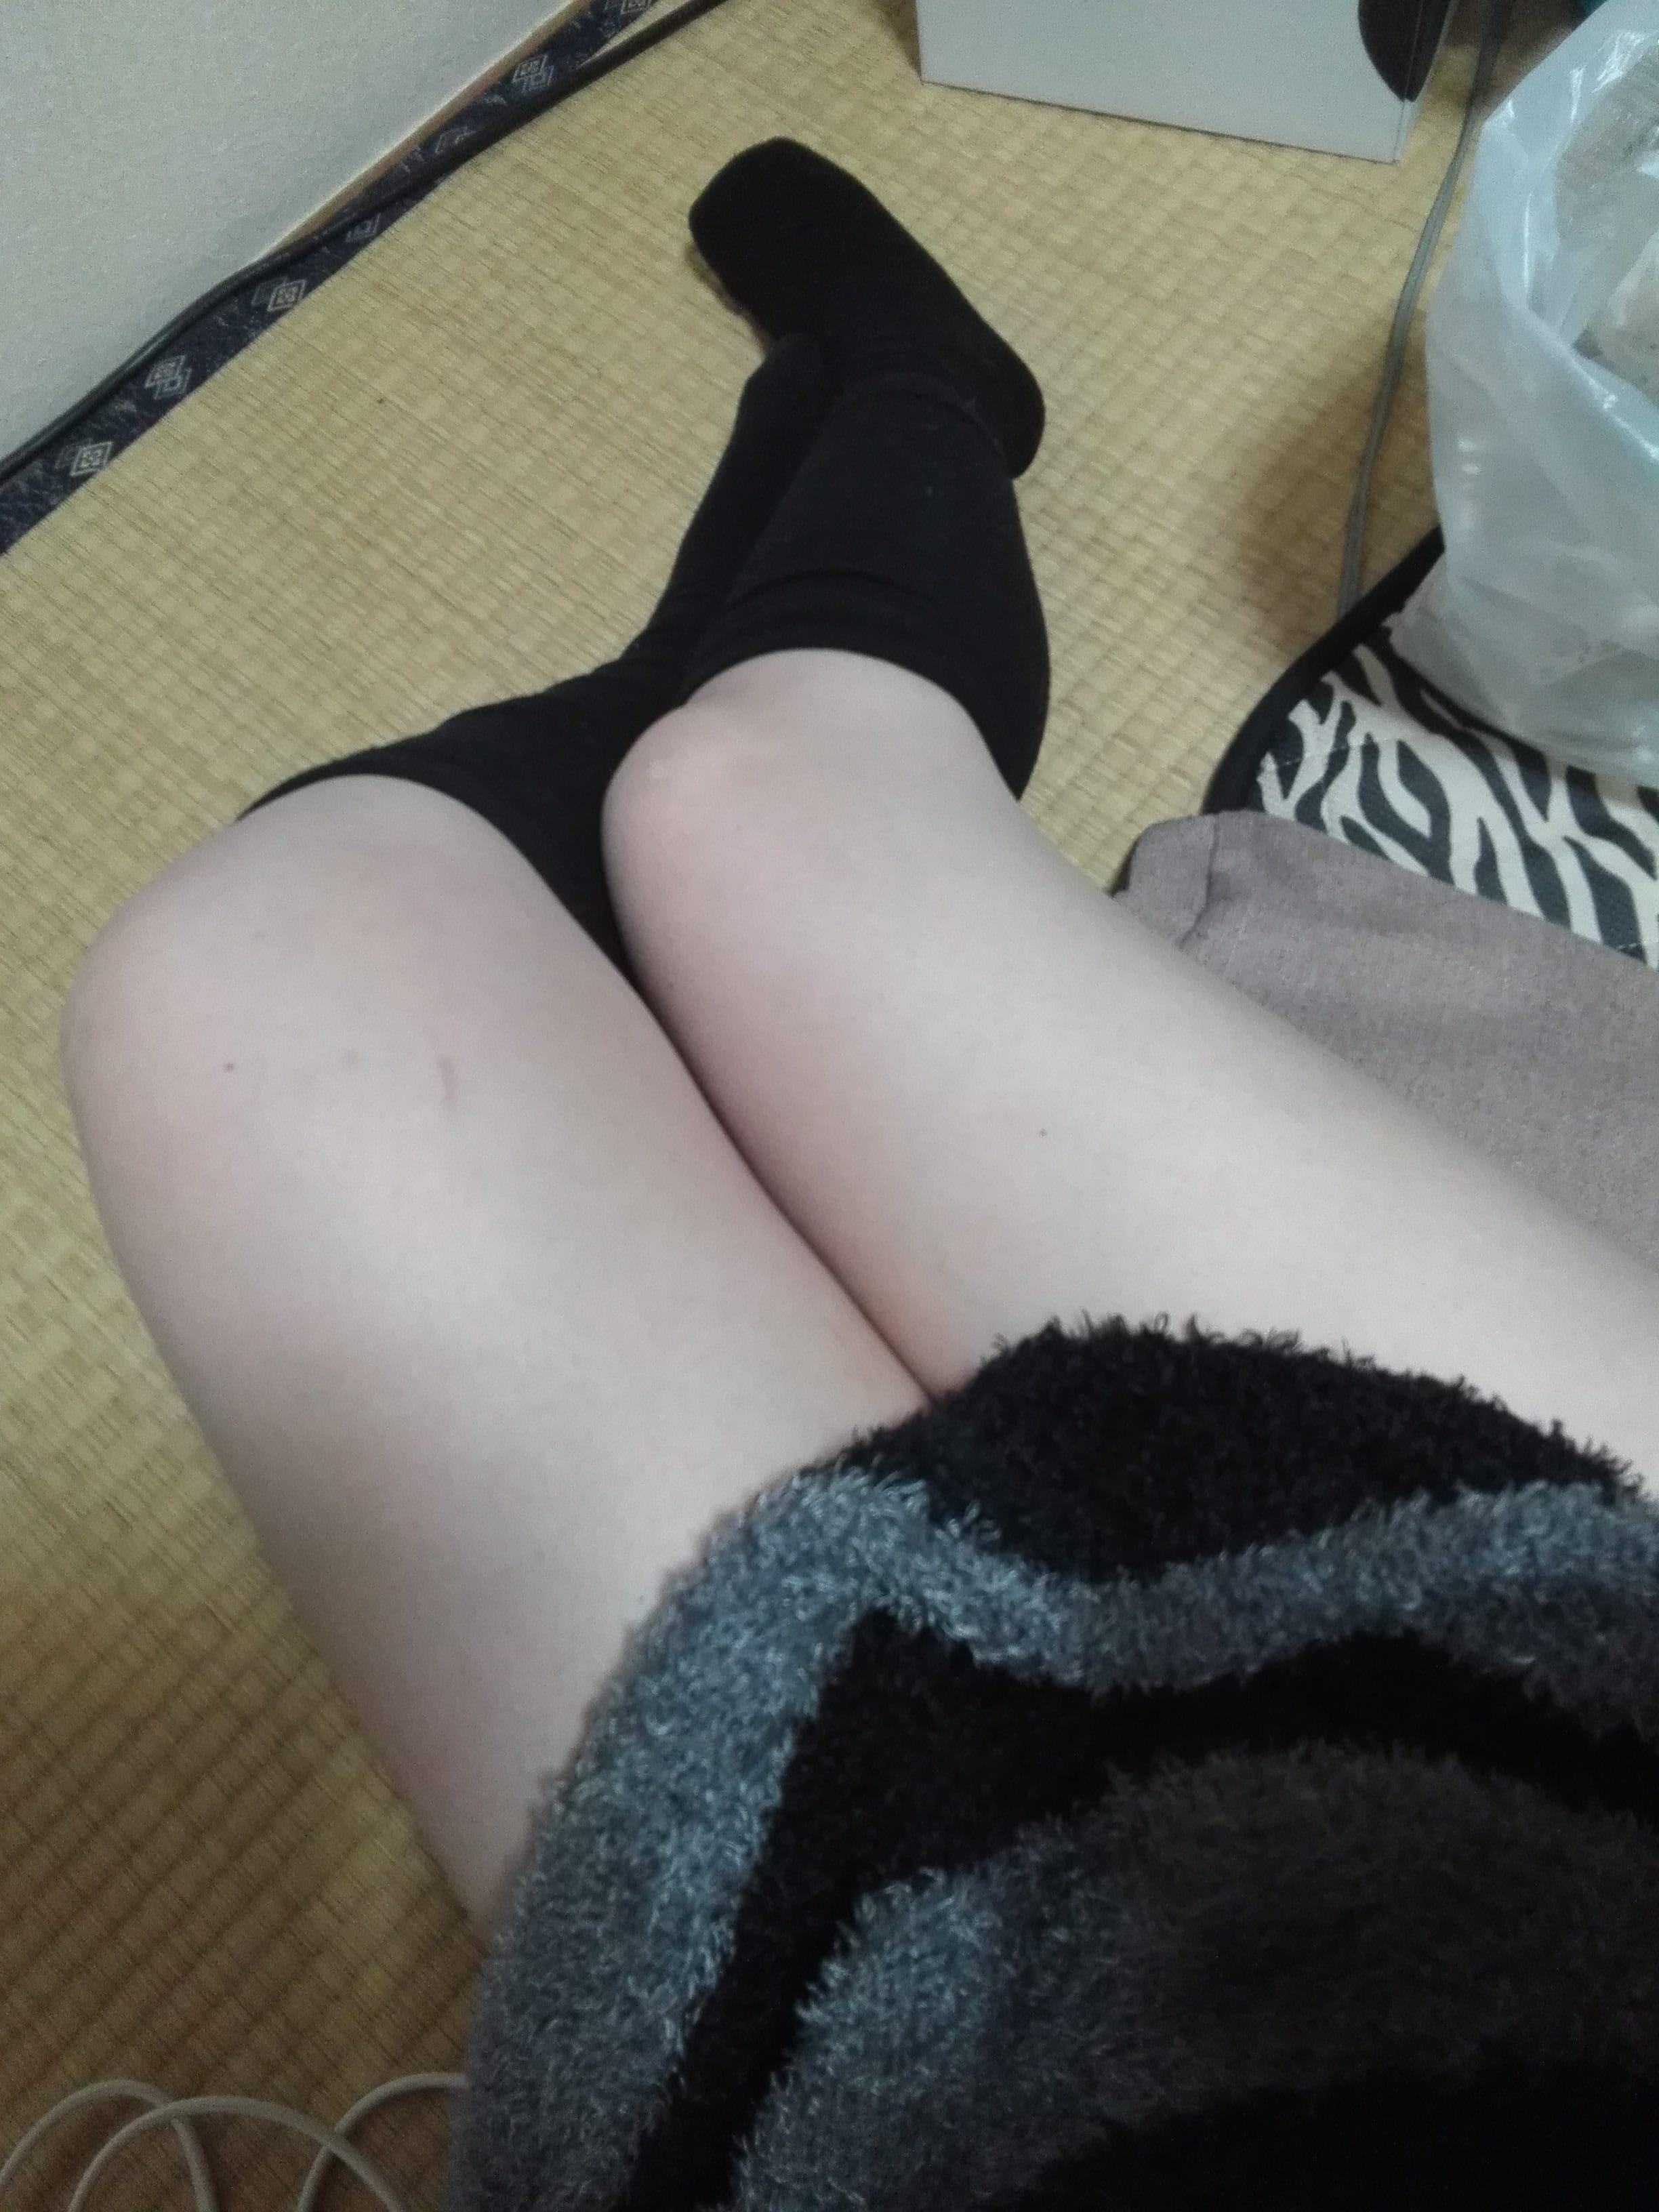 れい「☆ありがとう☆」01/24(水) 02:12   れいの写メ・風俗動画